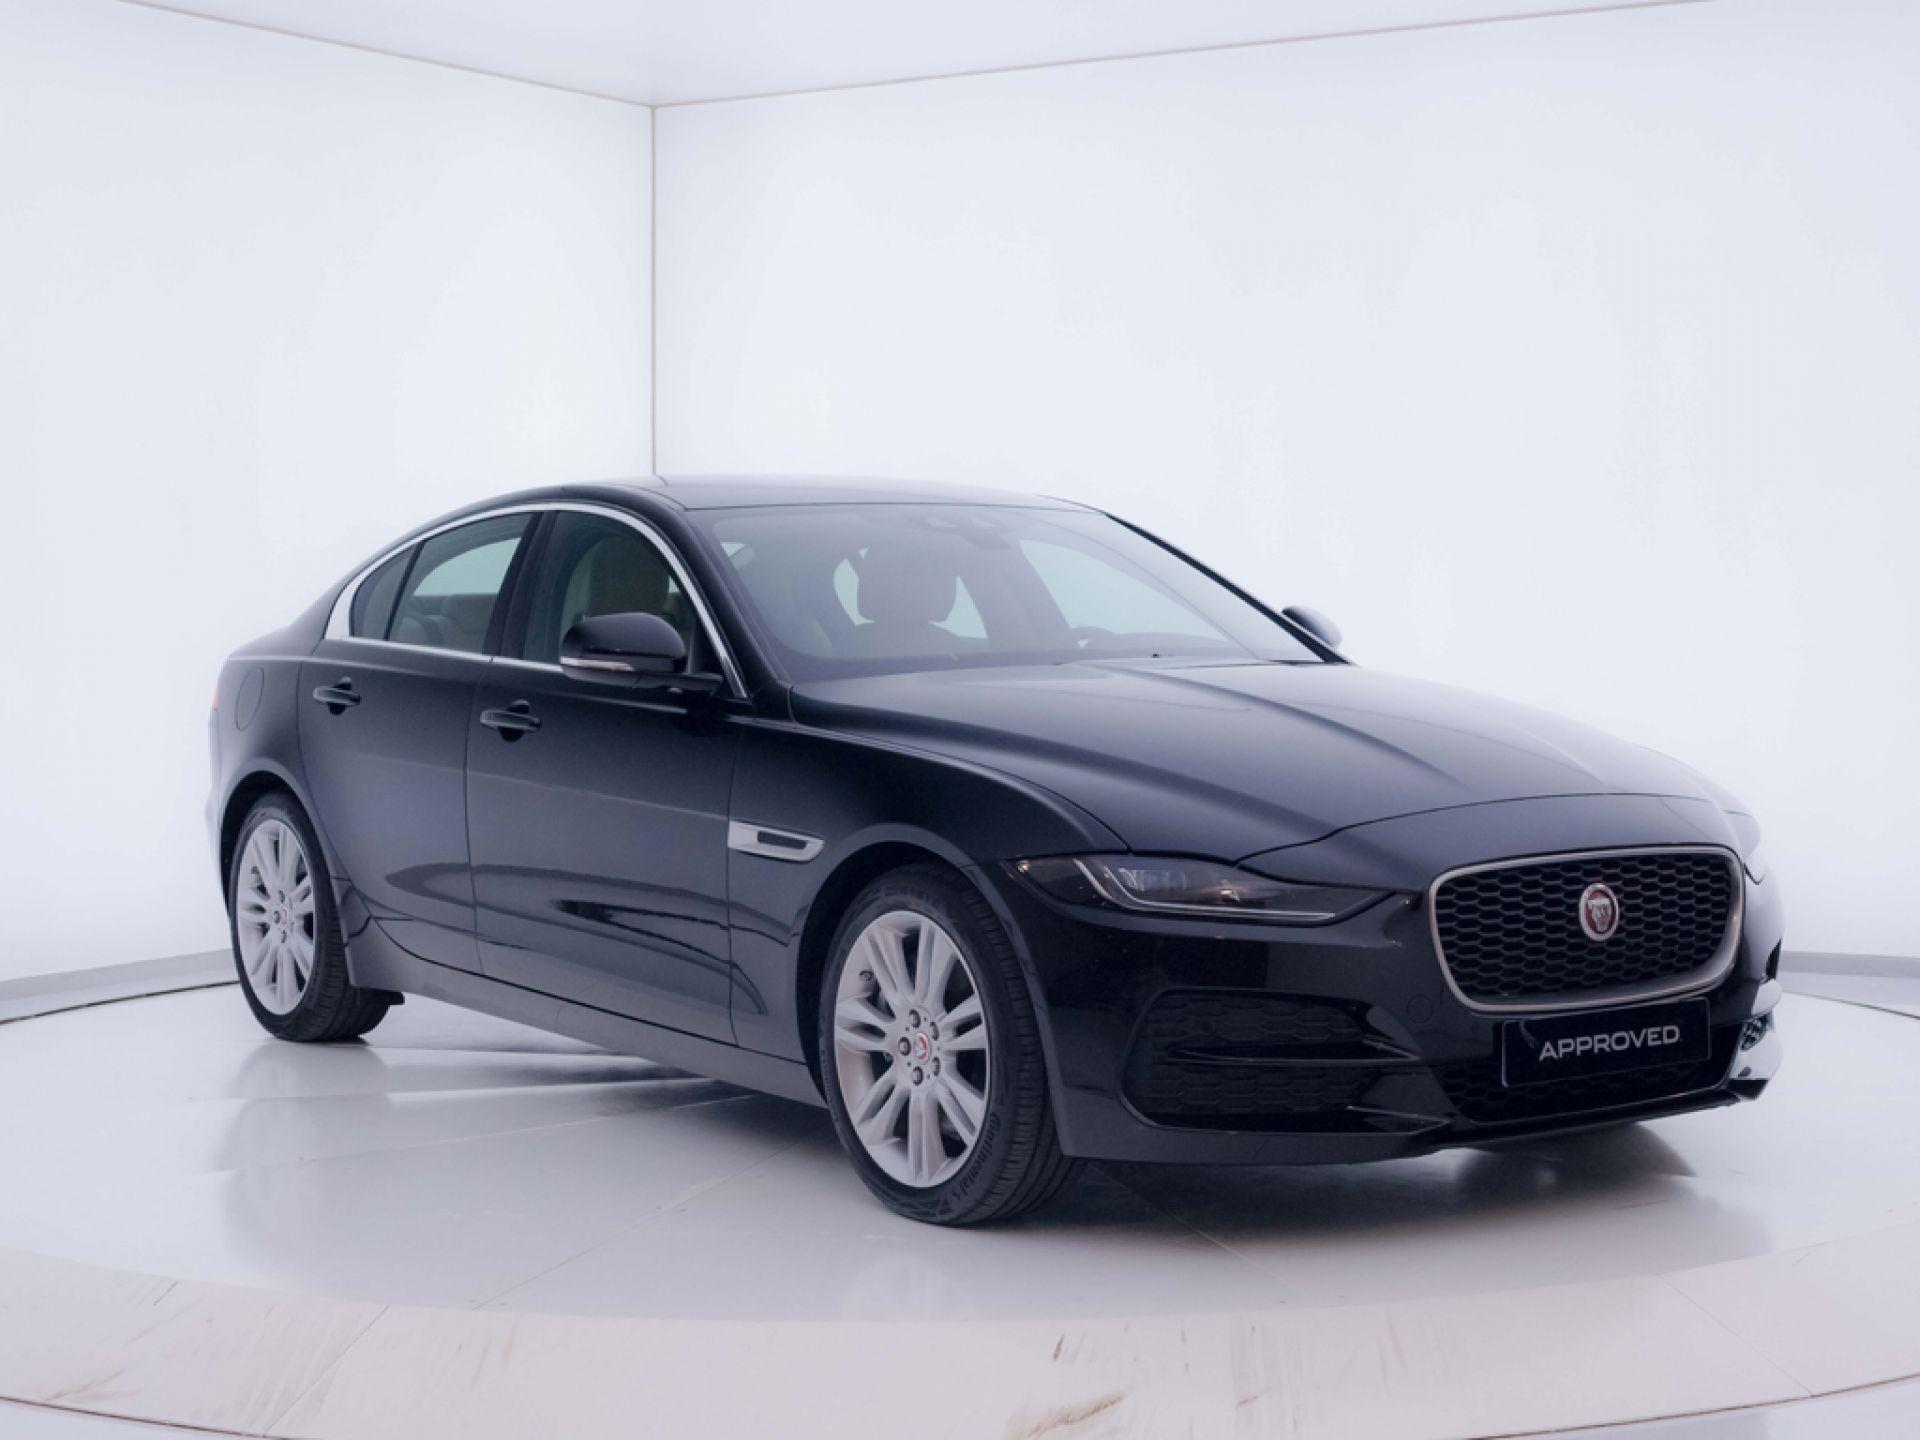 Jaguar XE 2.0D I4 132kW (180CV) RWD Auto SE